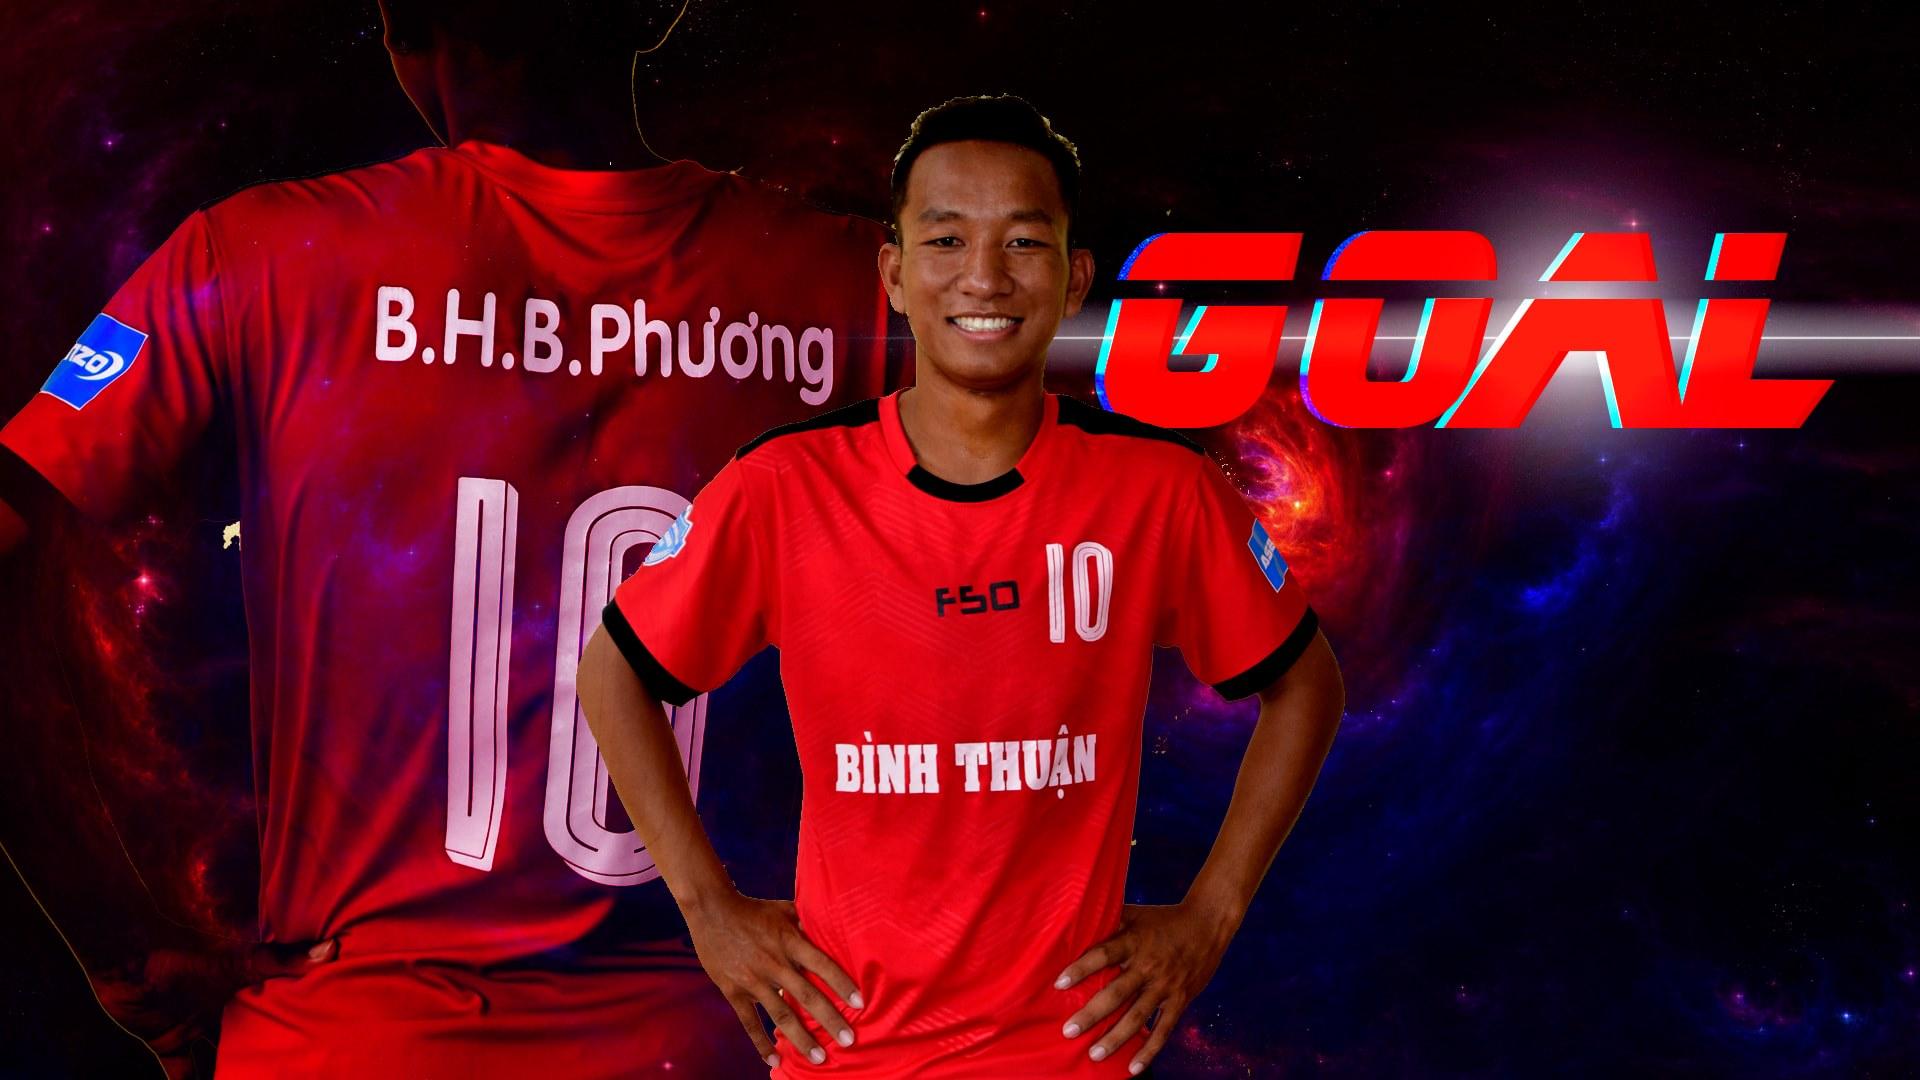 Trực tiếp Bình Thuận vs Vĩnh Long, 15h ngày 5/6